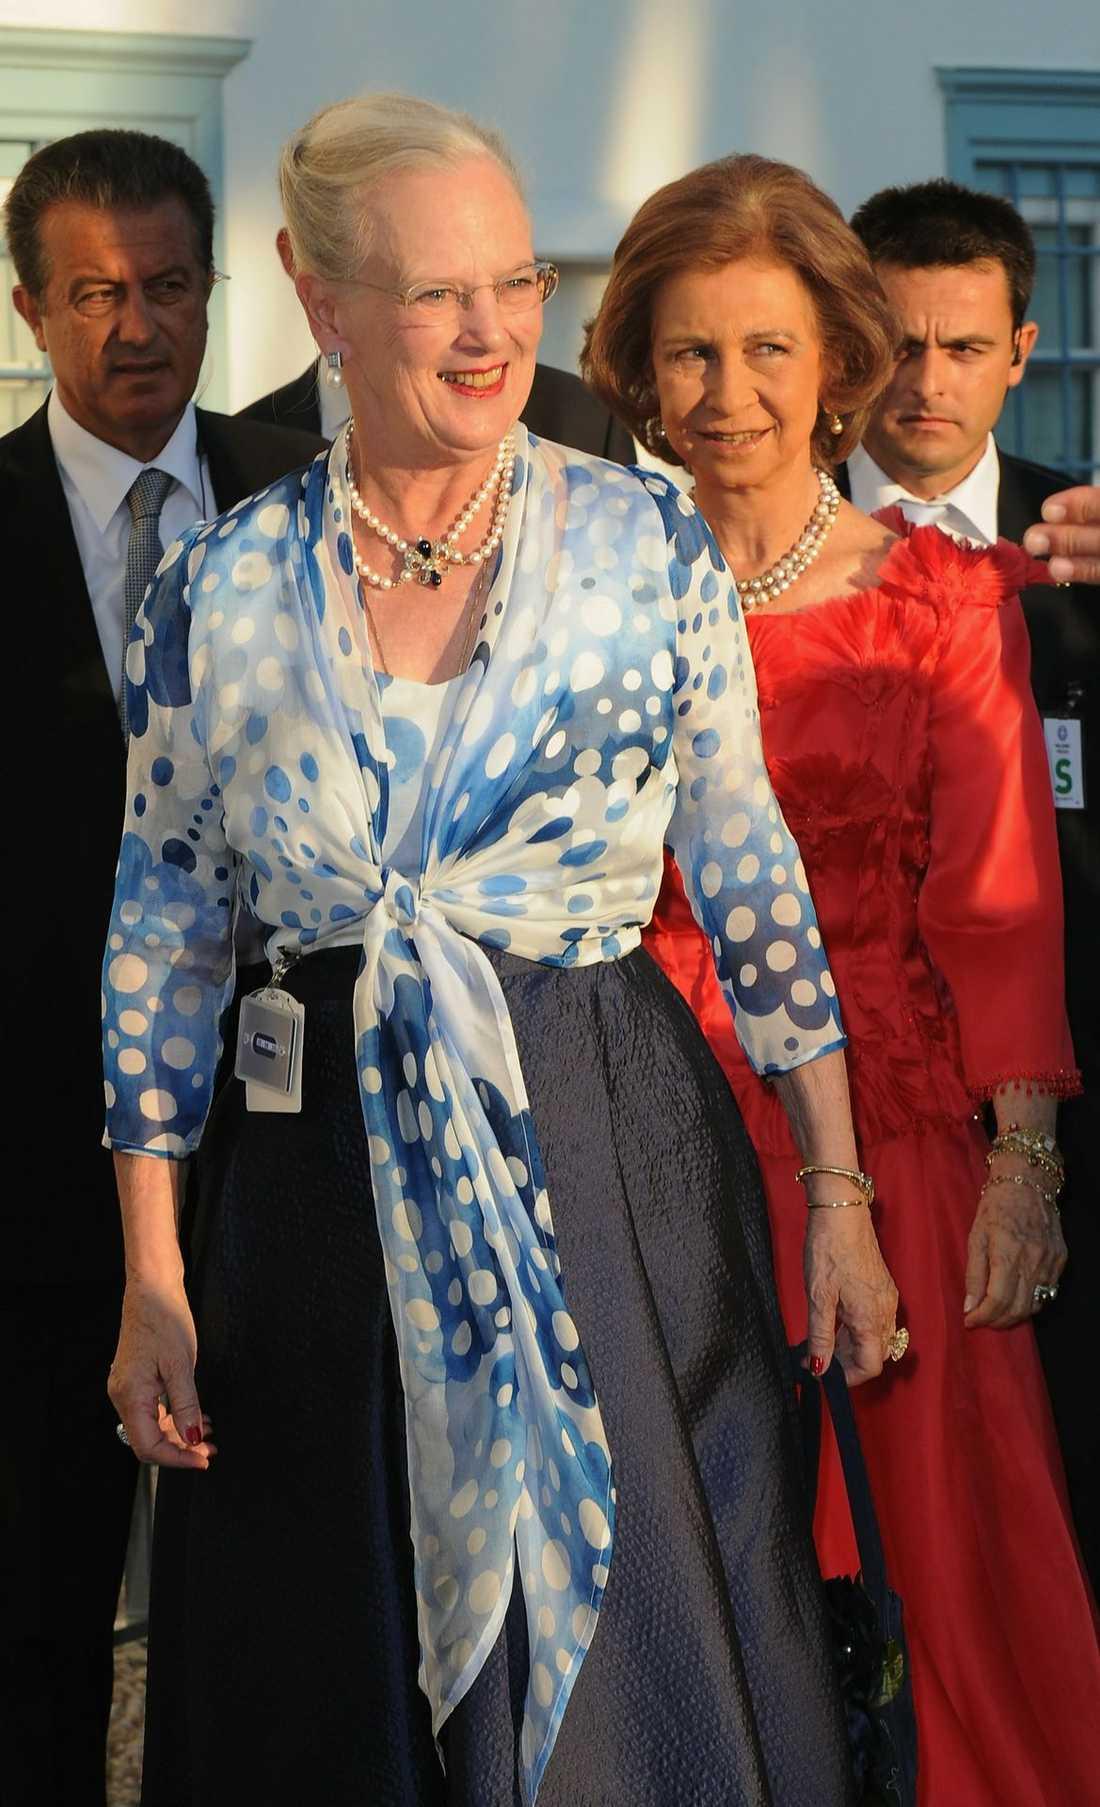 Danska drottning Margrethe överraskade pressen genom att dyka upp på bröllopsdagen.